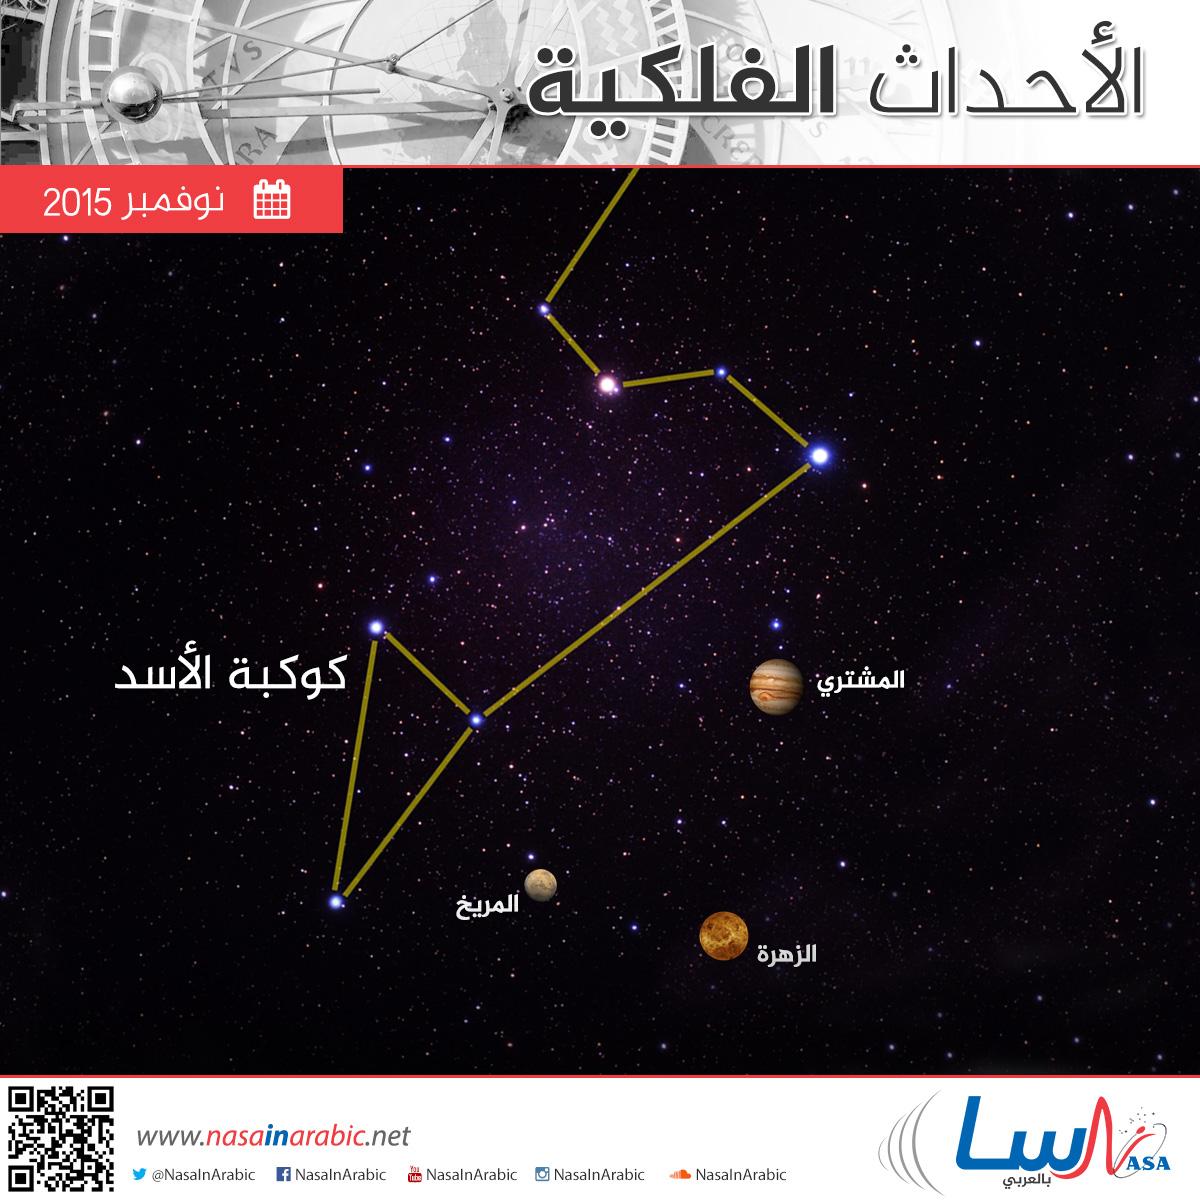 أهم الأحداث الفلكية خلال شهر نوفمبر/تشرين الثاني 2015